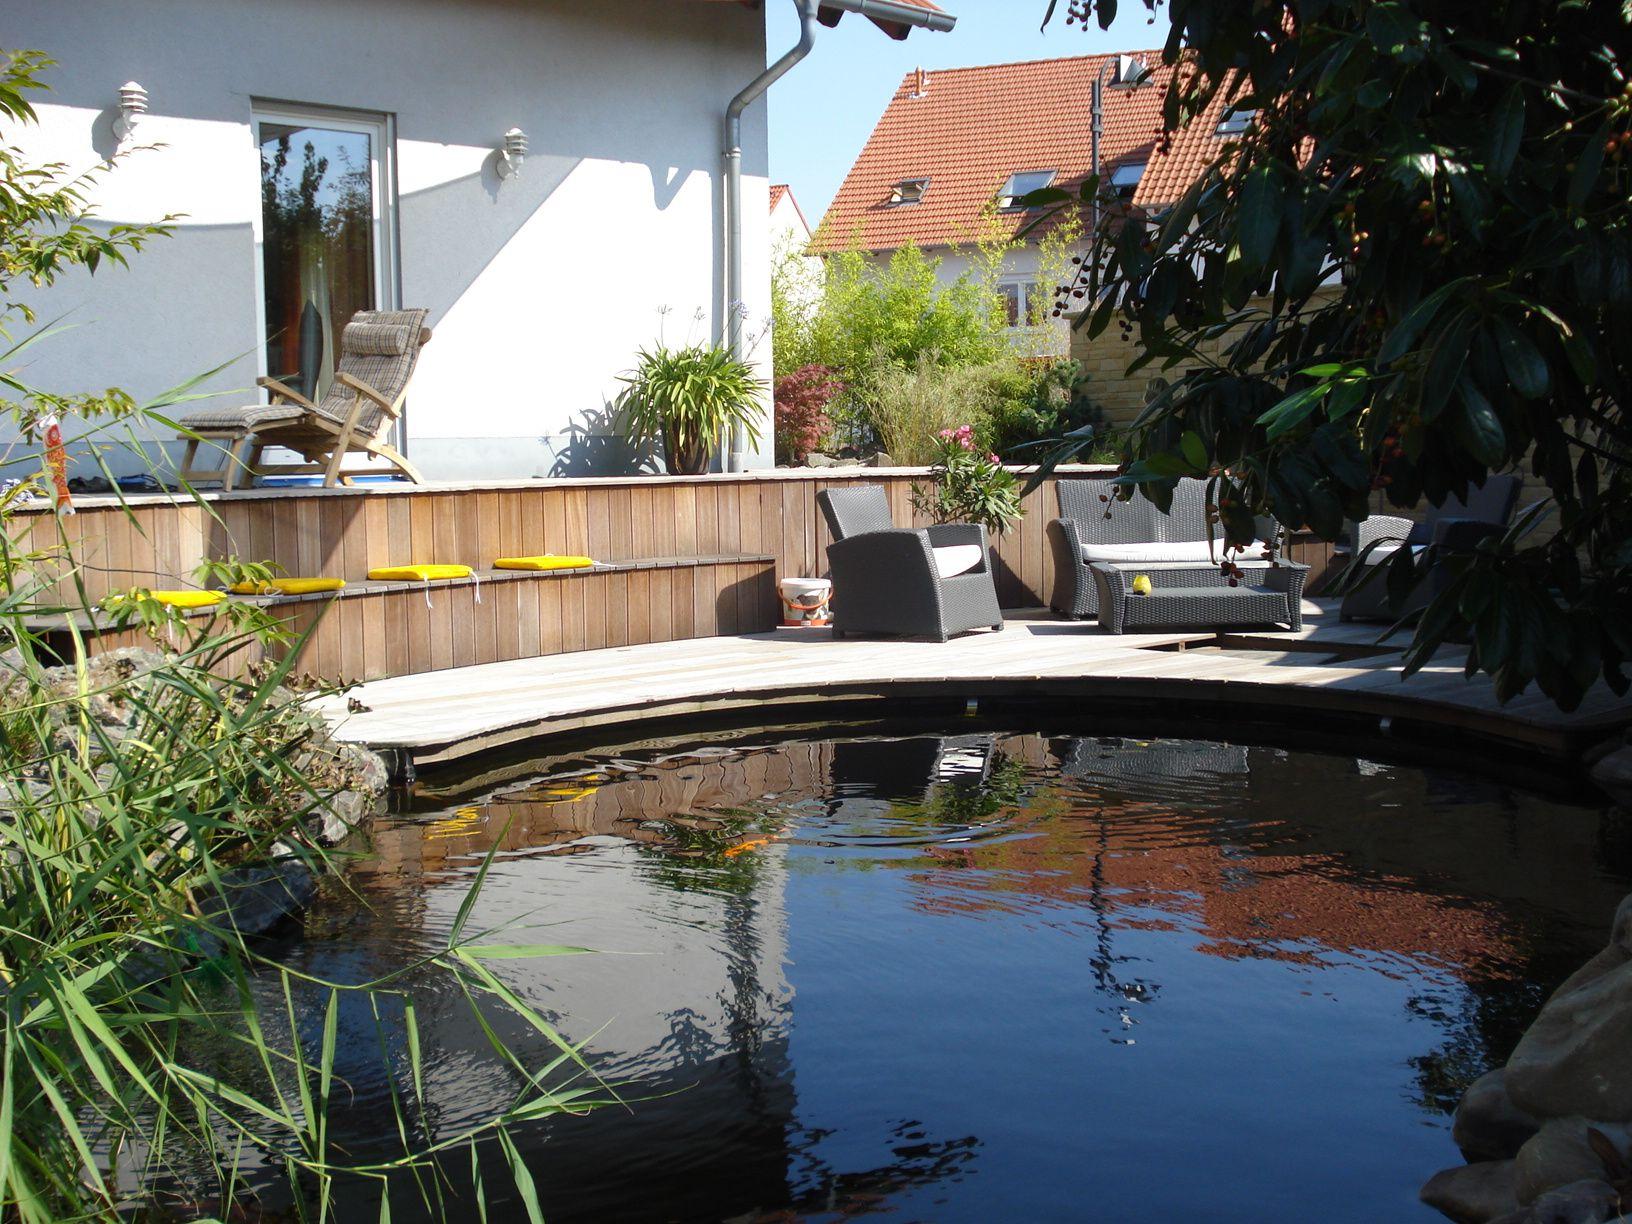 Idyllischer Wohngarten mit Koi Teich umrandet von Holzdeck zum Entspannen im Schatten